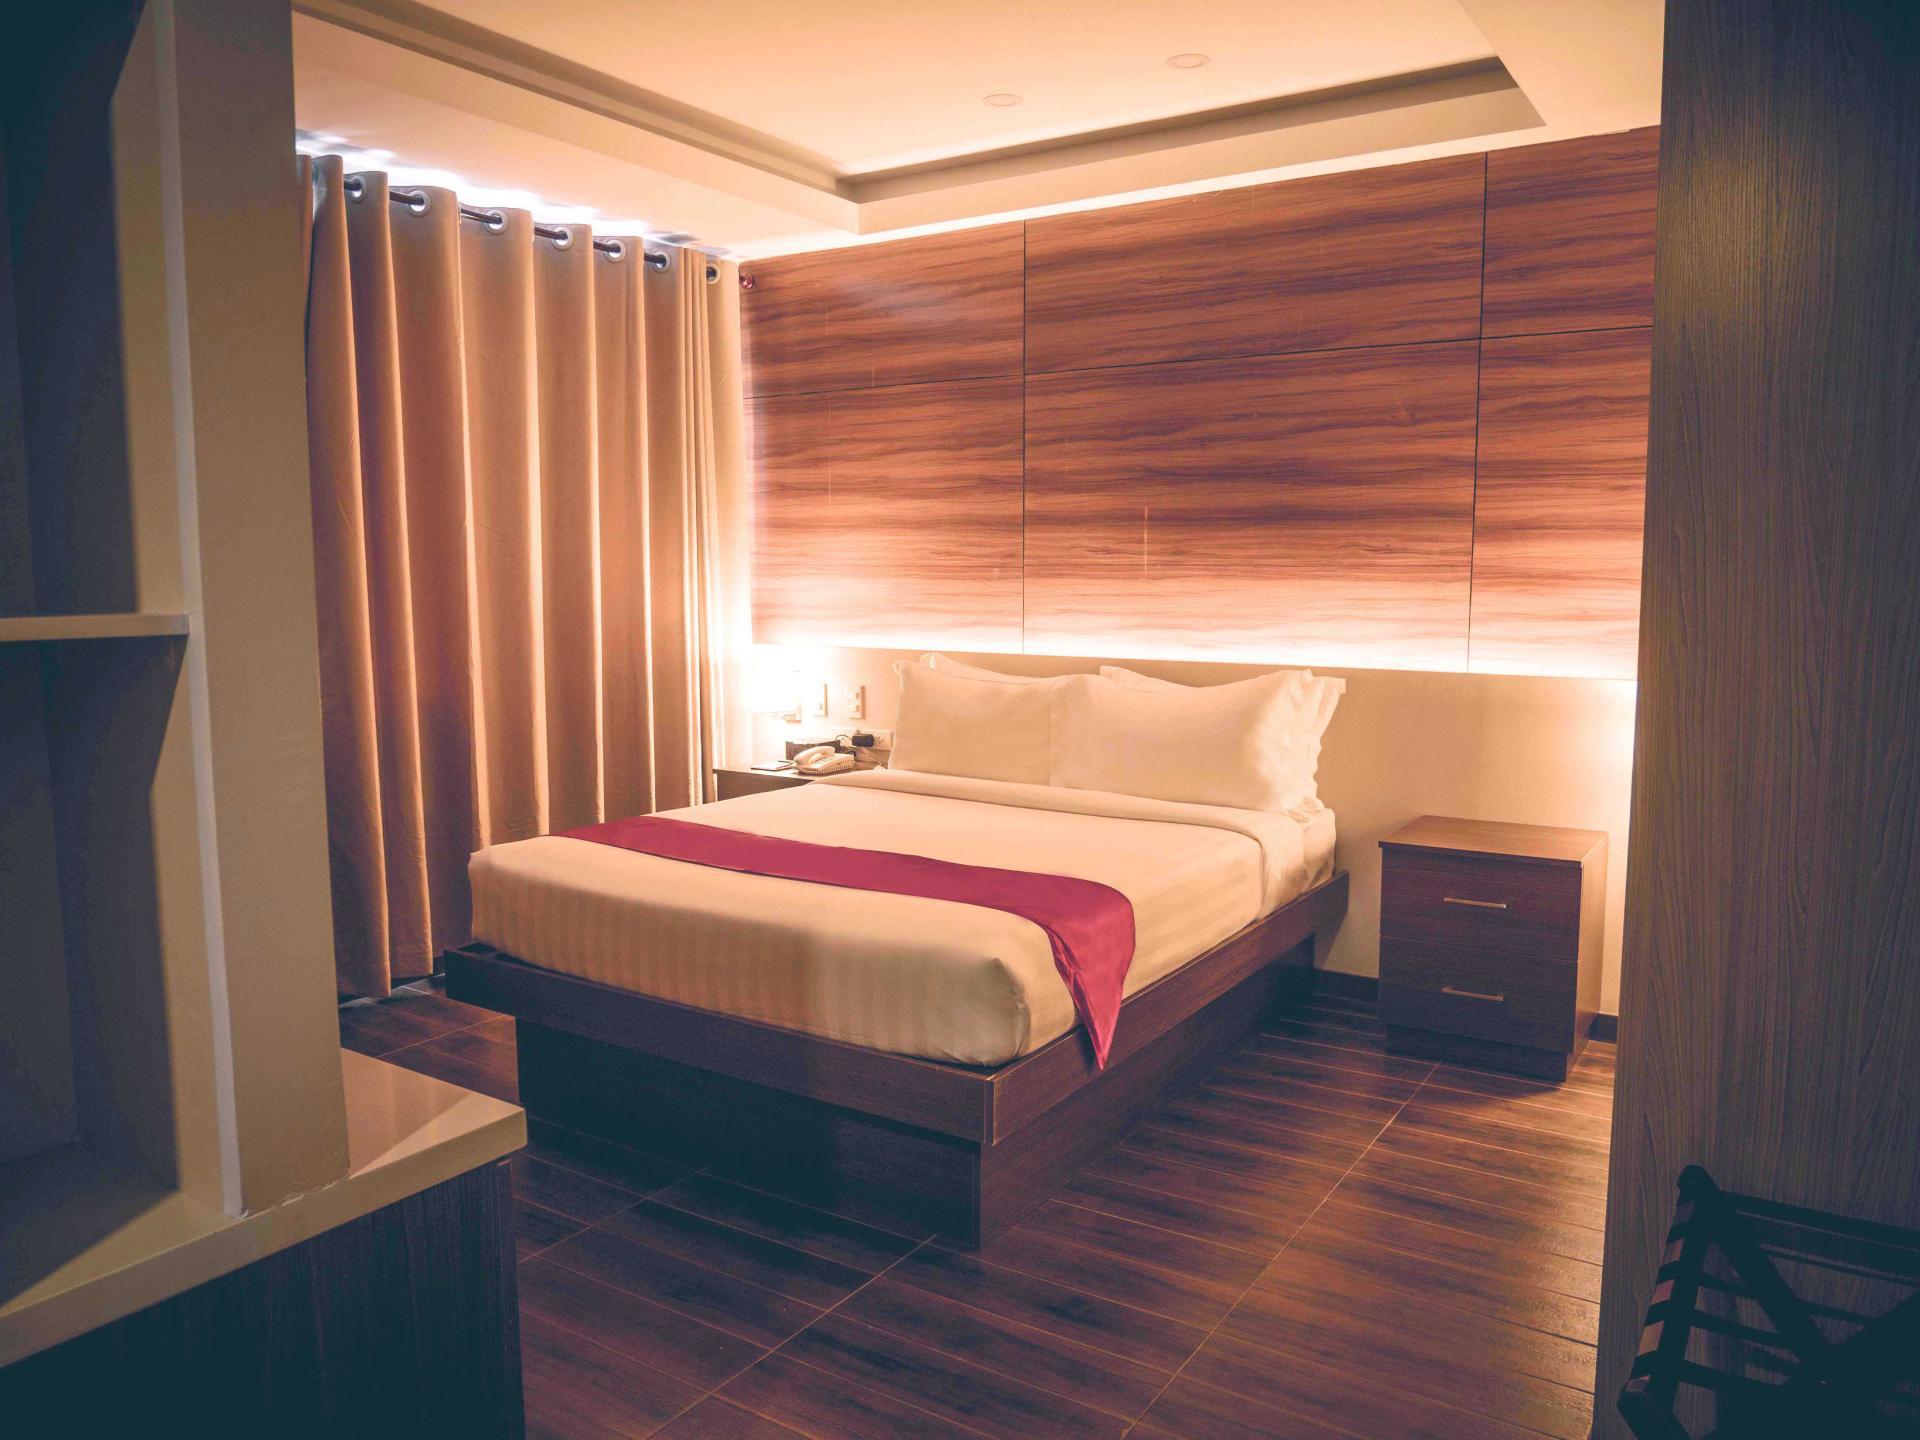 Bed at Valero Grand Suites